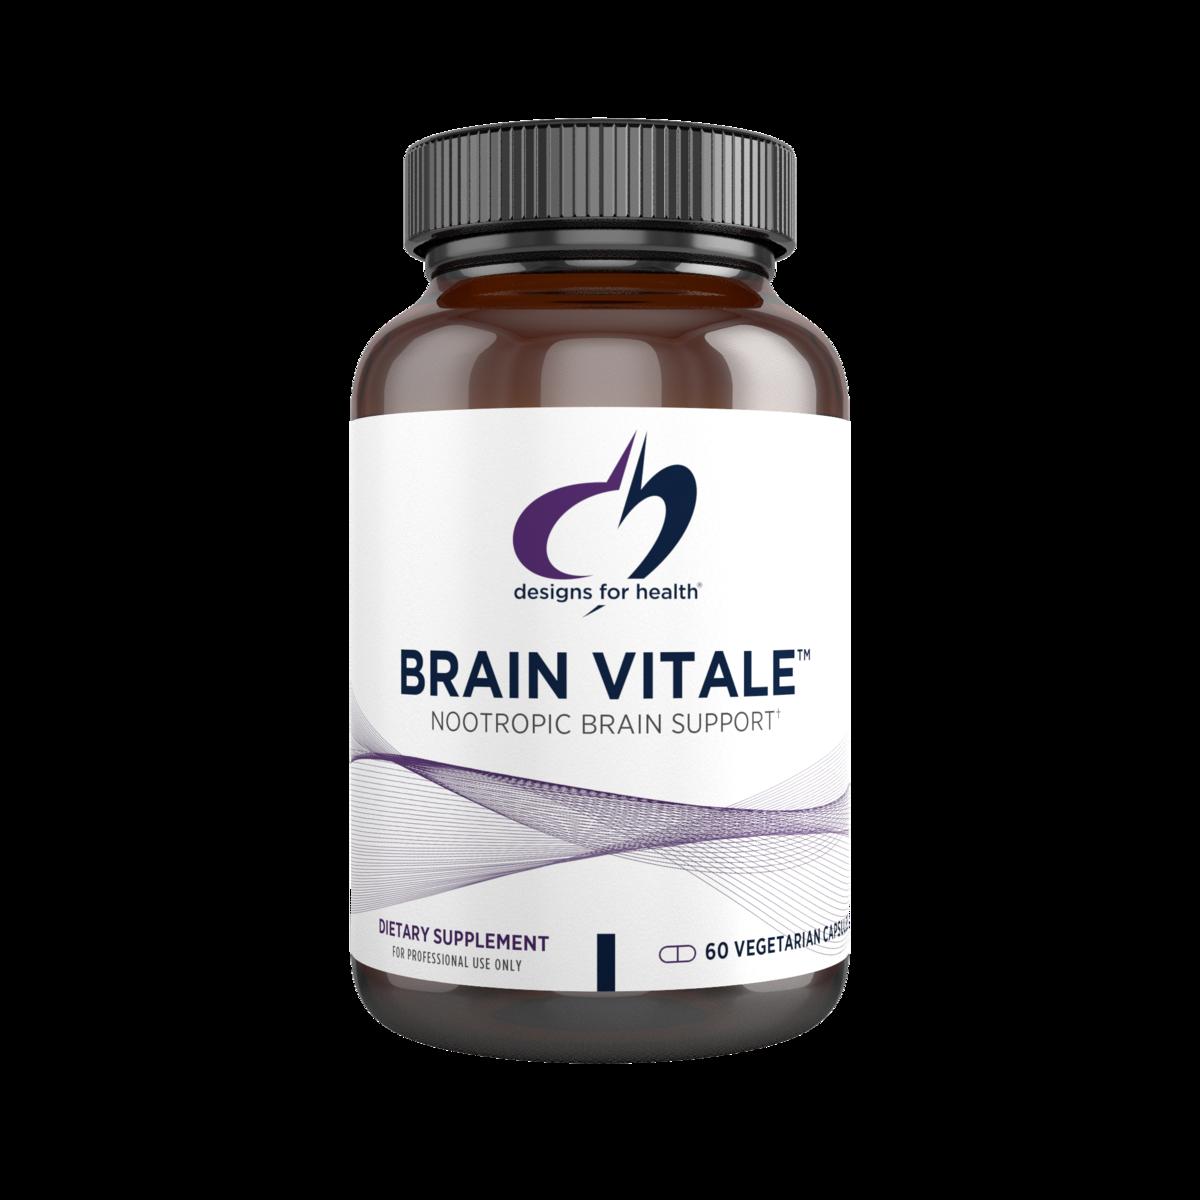 BRain-vitale_60capsules-1